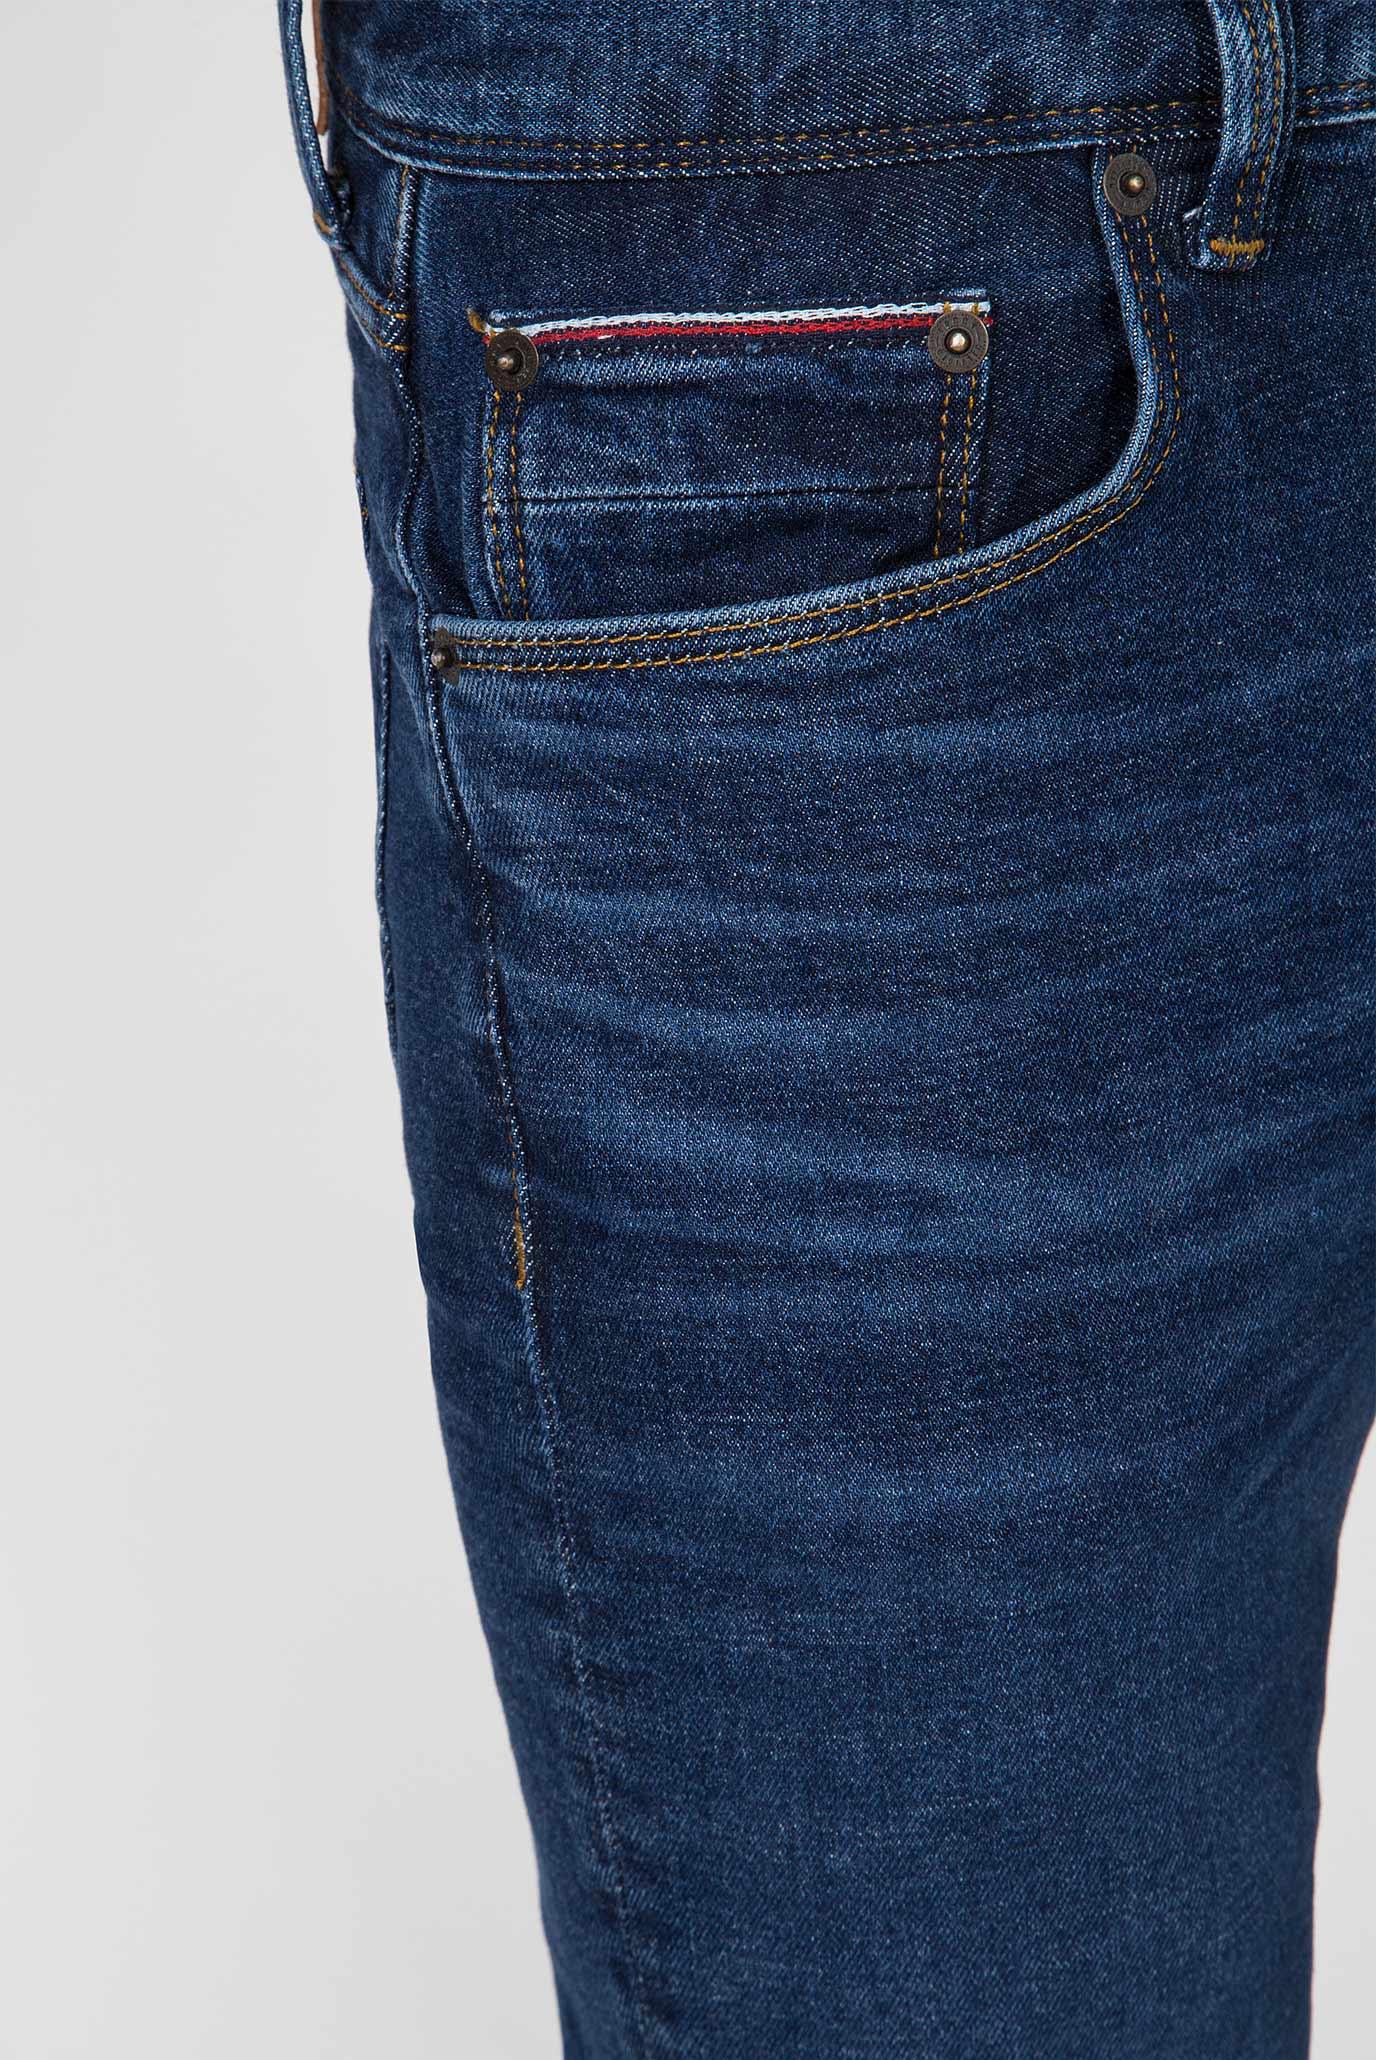 Купить Мужские синие джинсы Tommy Hilfiger Tommy Hilfiger MW0MW07062 – Киев, Украина. Цены в интернет магазине MD Fashion